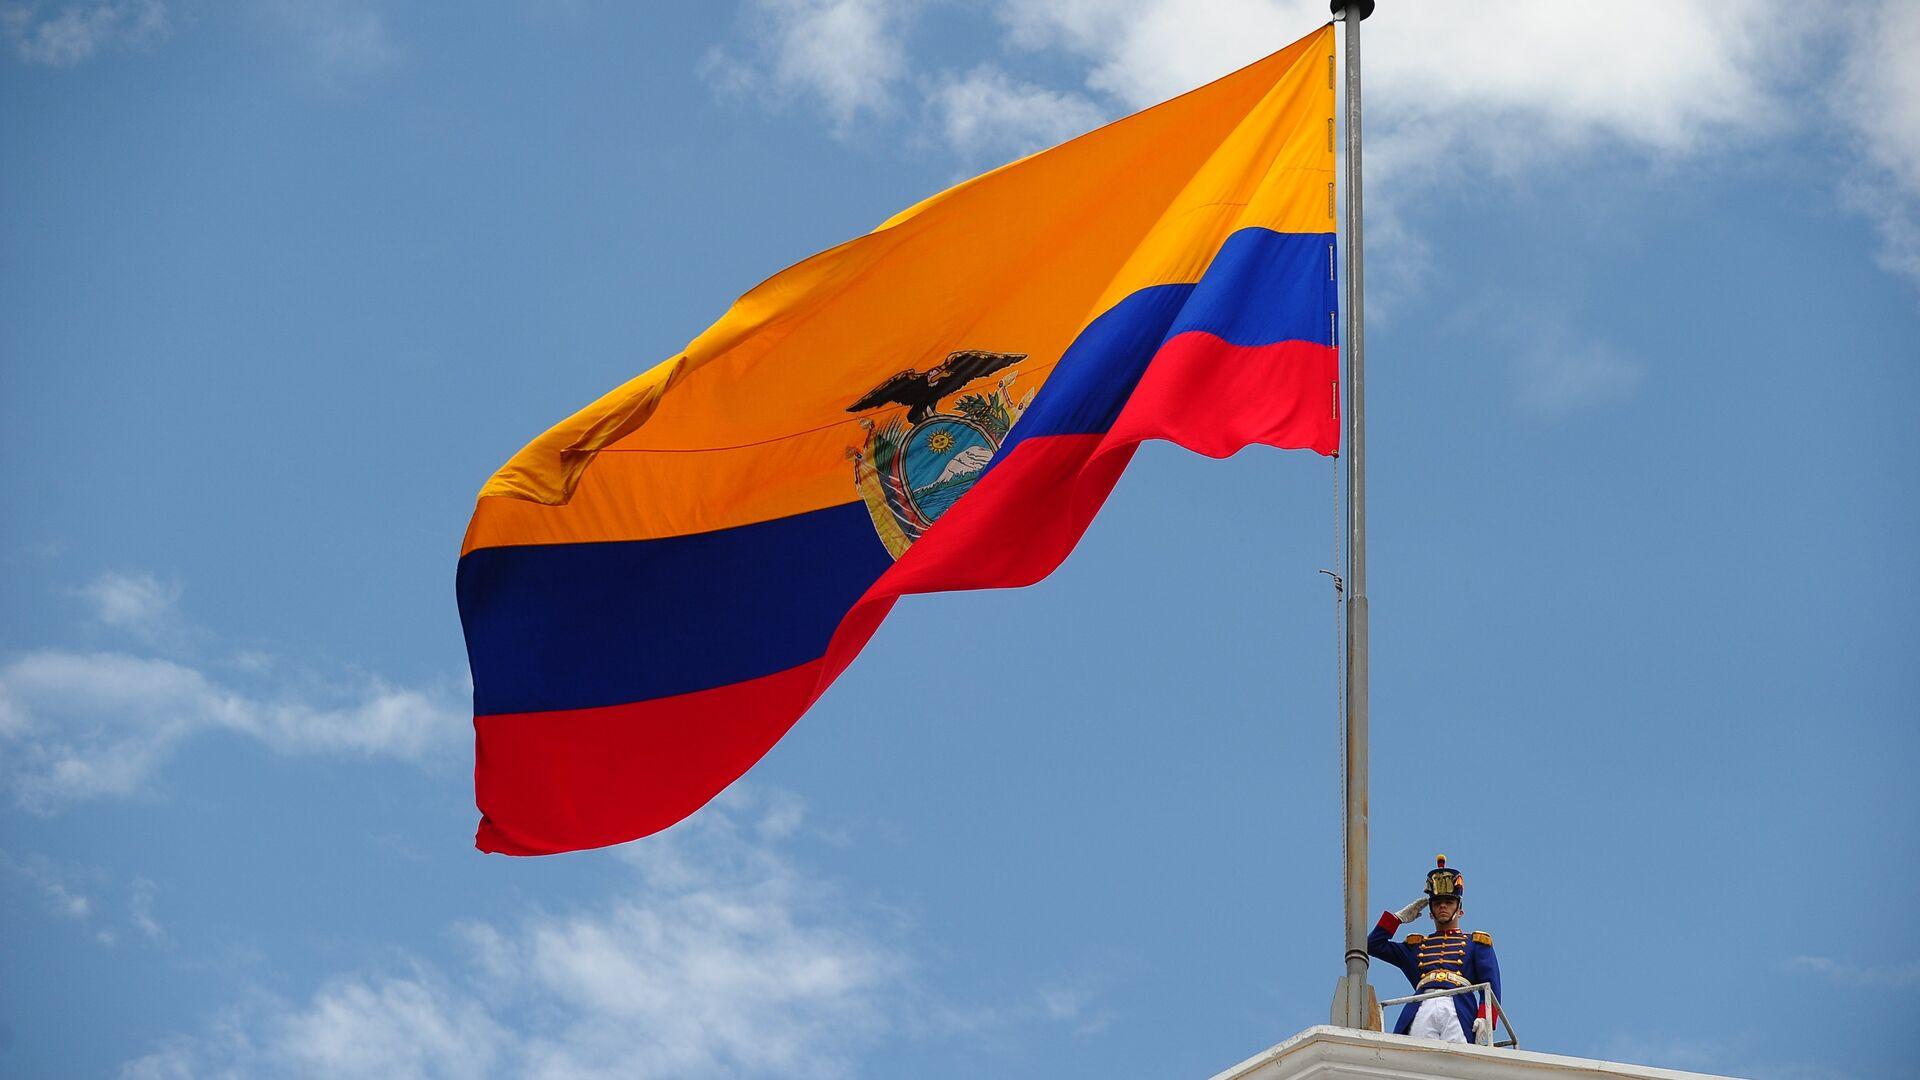 Bandera de Ecuador - Sputnik Mundo, 1920, 26.04.2021